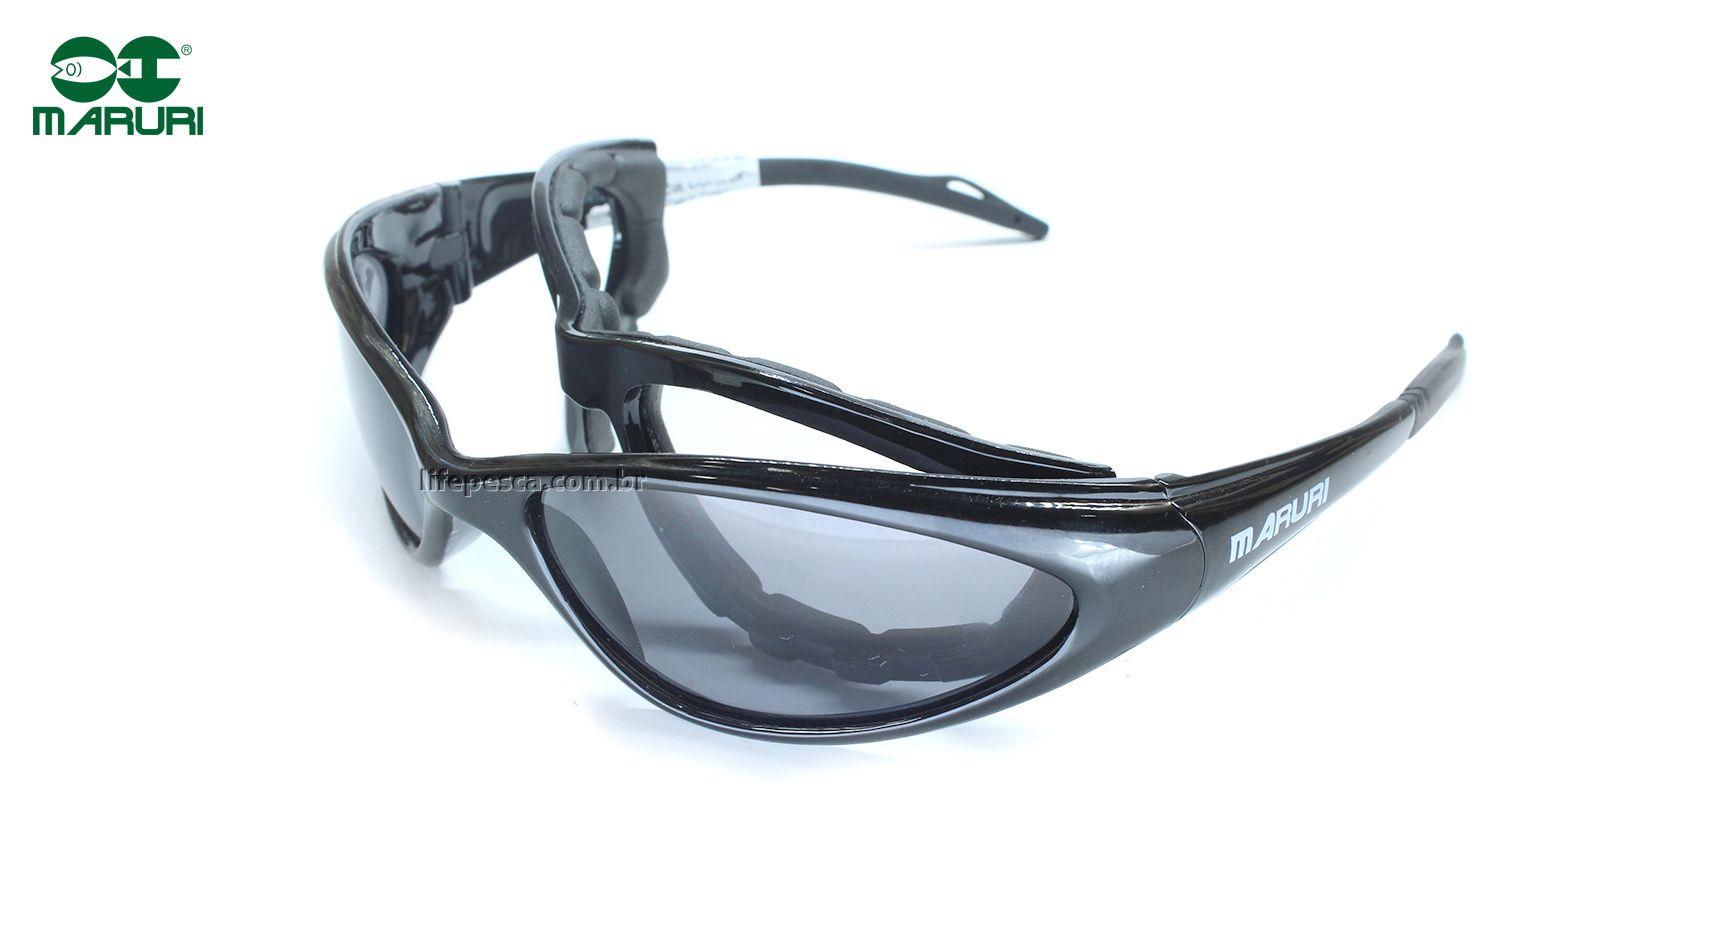 b2d75f28c Óculos para Pesca Polarizado Maruri - AP0913-S15 - LIFE PESCA - Sua Loja de  Pesca, Camping e Lazer